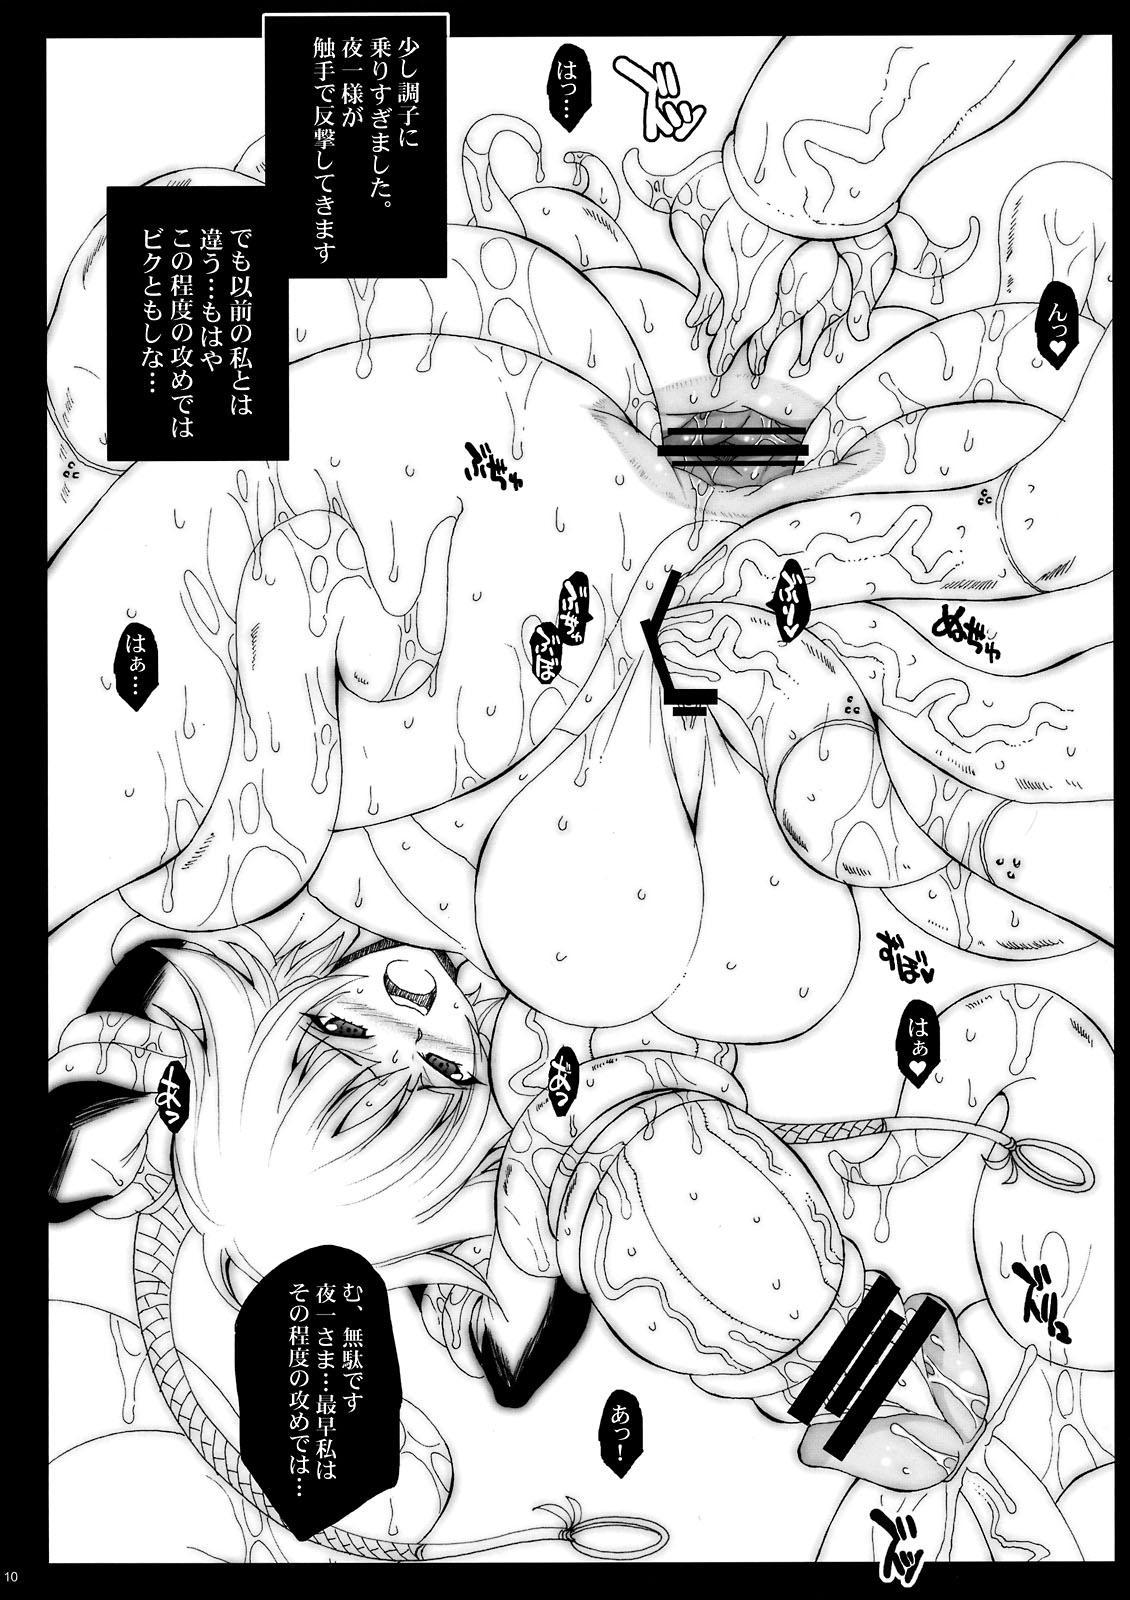 Tsun Tsun Soifon no Yoruichi Nikki 9